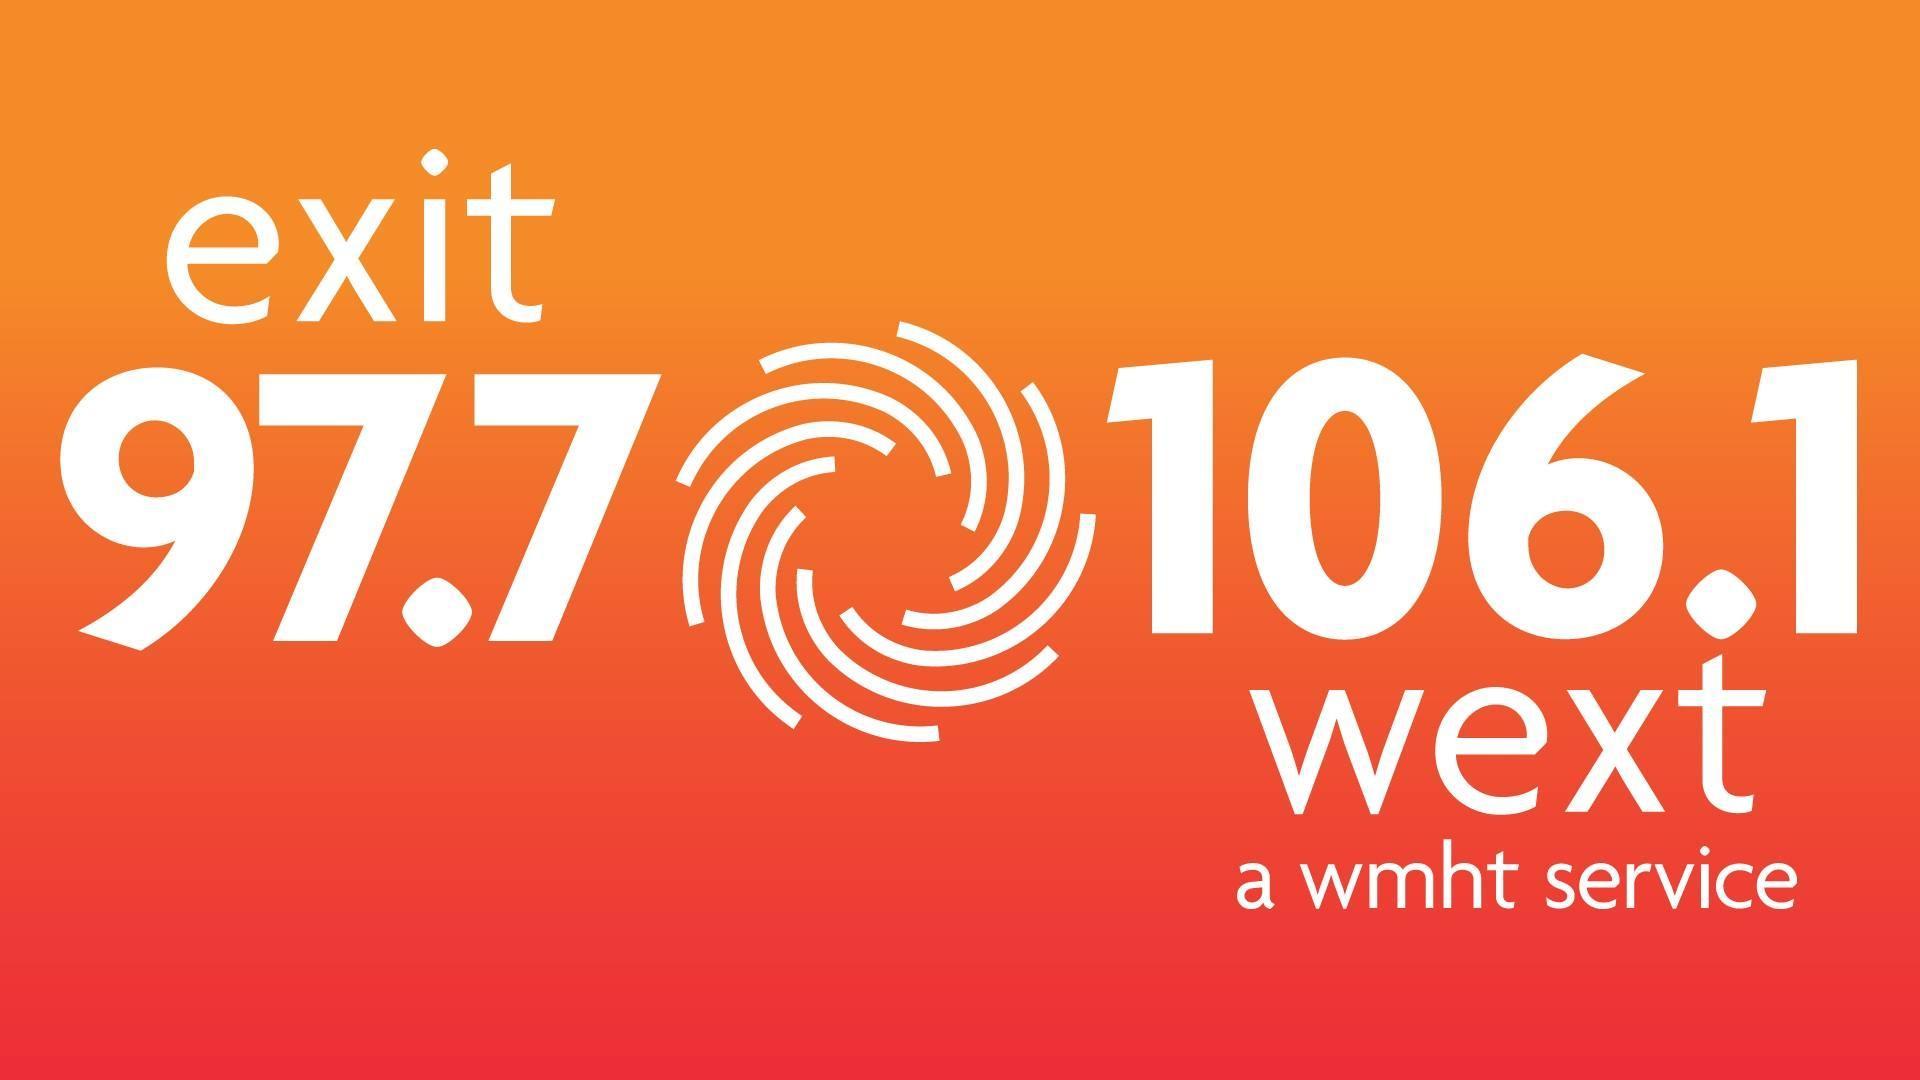 EXIT 97.7 /106.1 WEXT Radio Logo